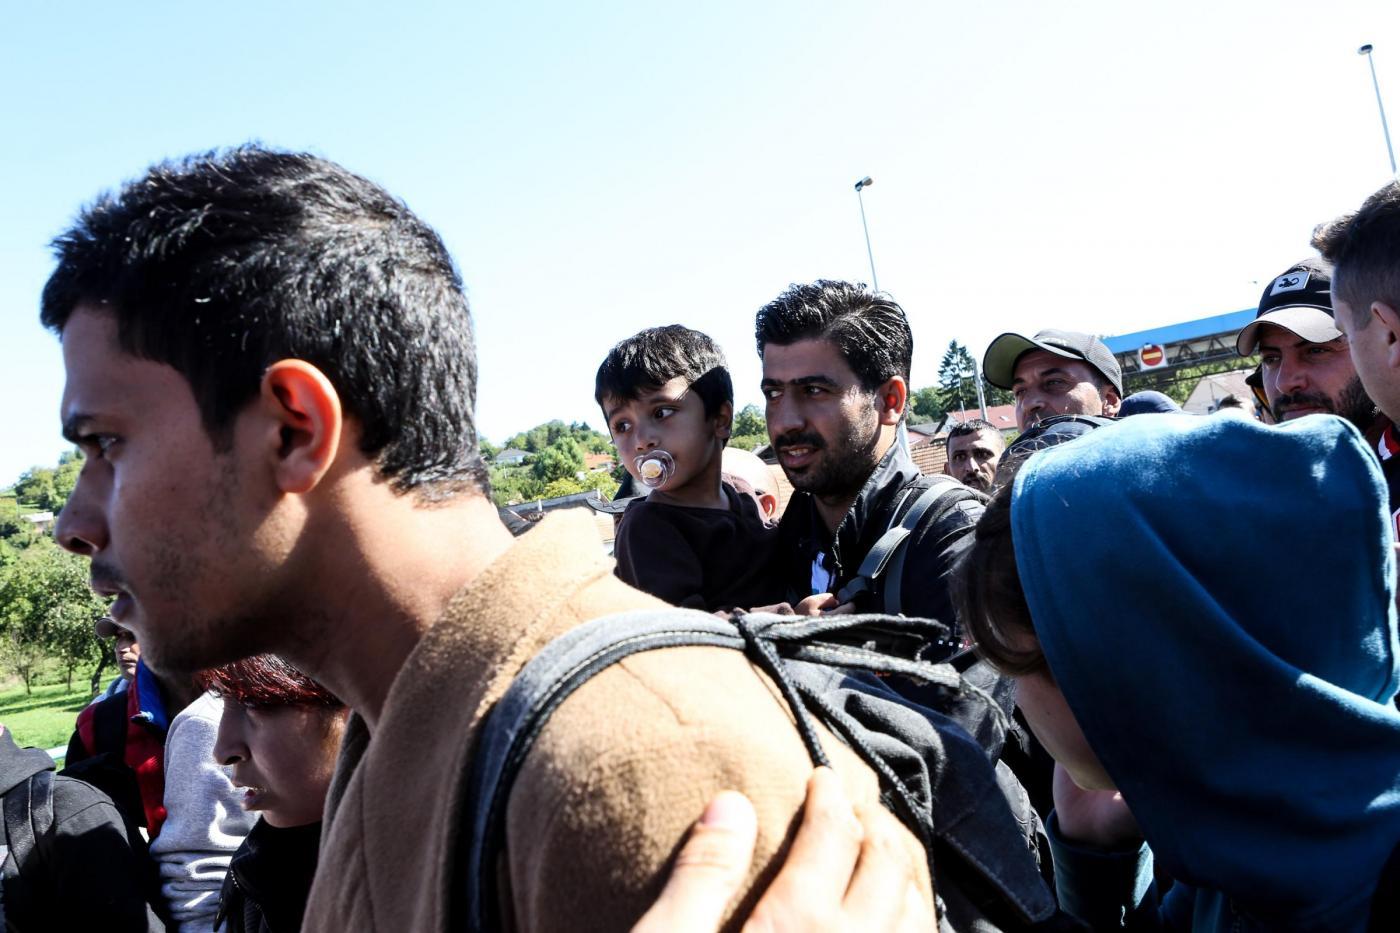 Migranti: migliaia verso l'Europa attraverso Slovenia, Serbia e Croazia